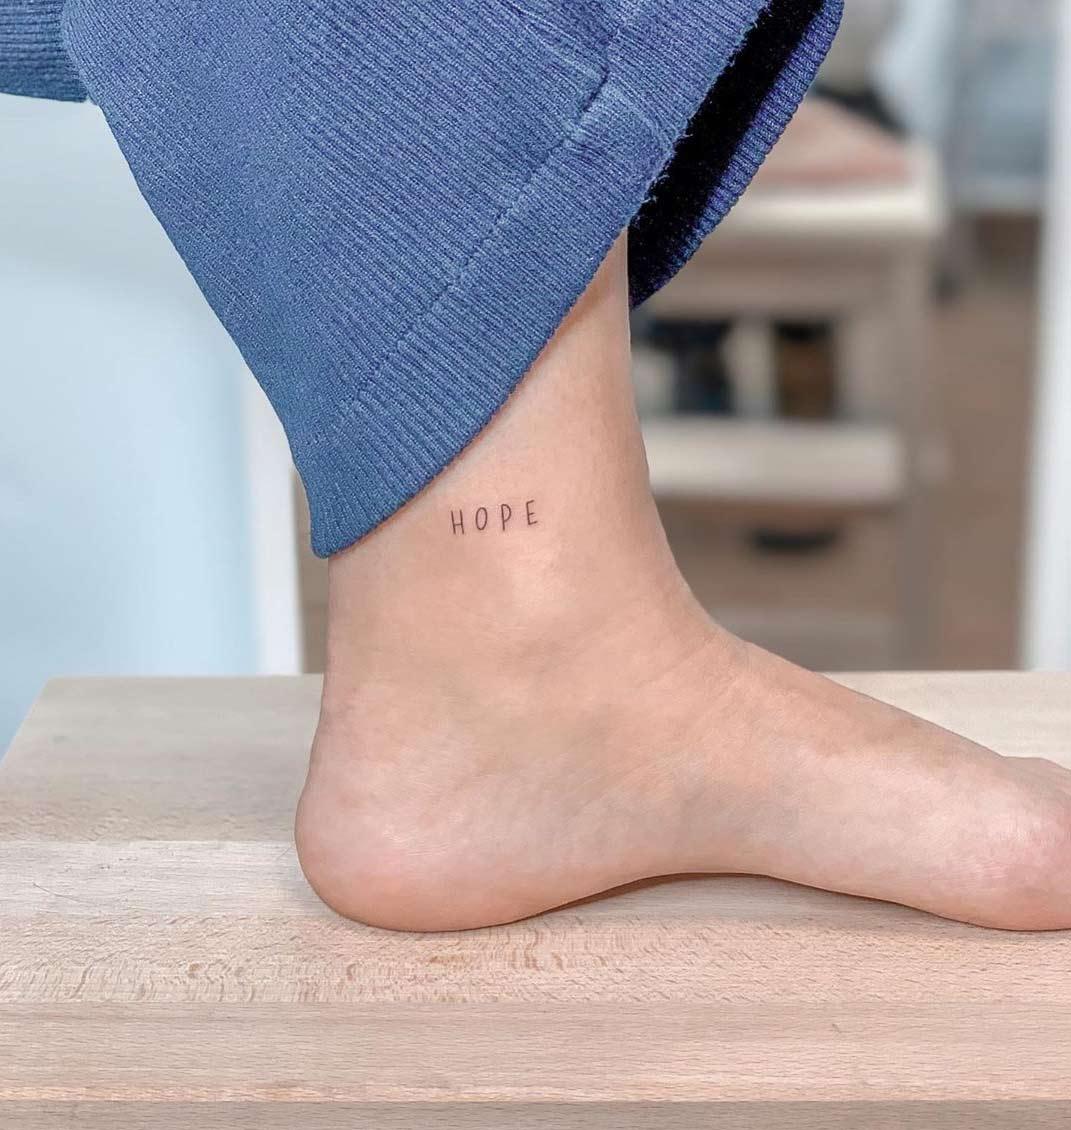 tatuagem-motivacional-hope-esperanca